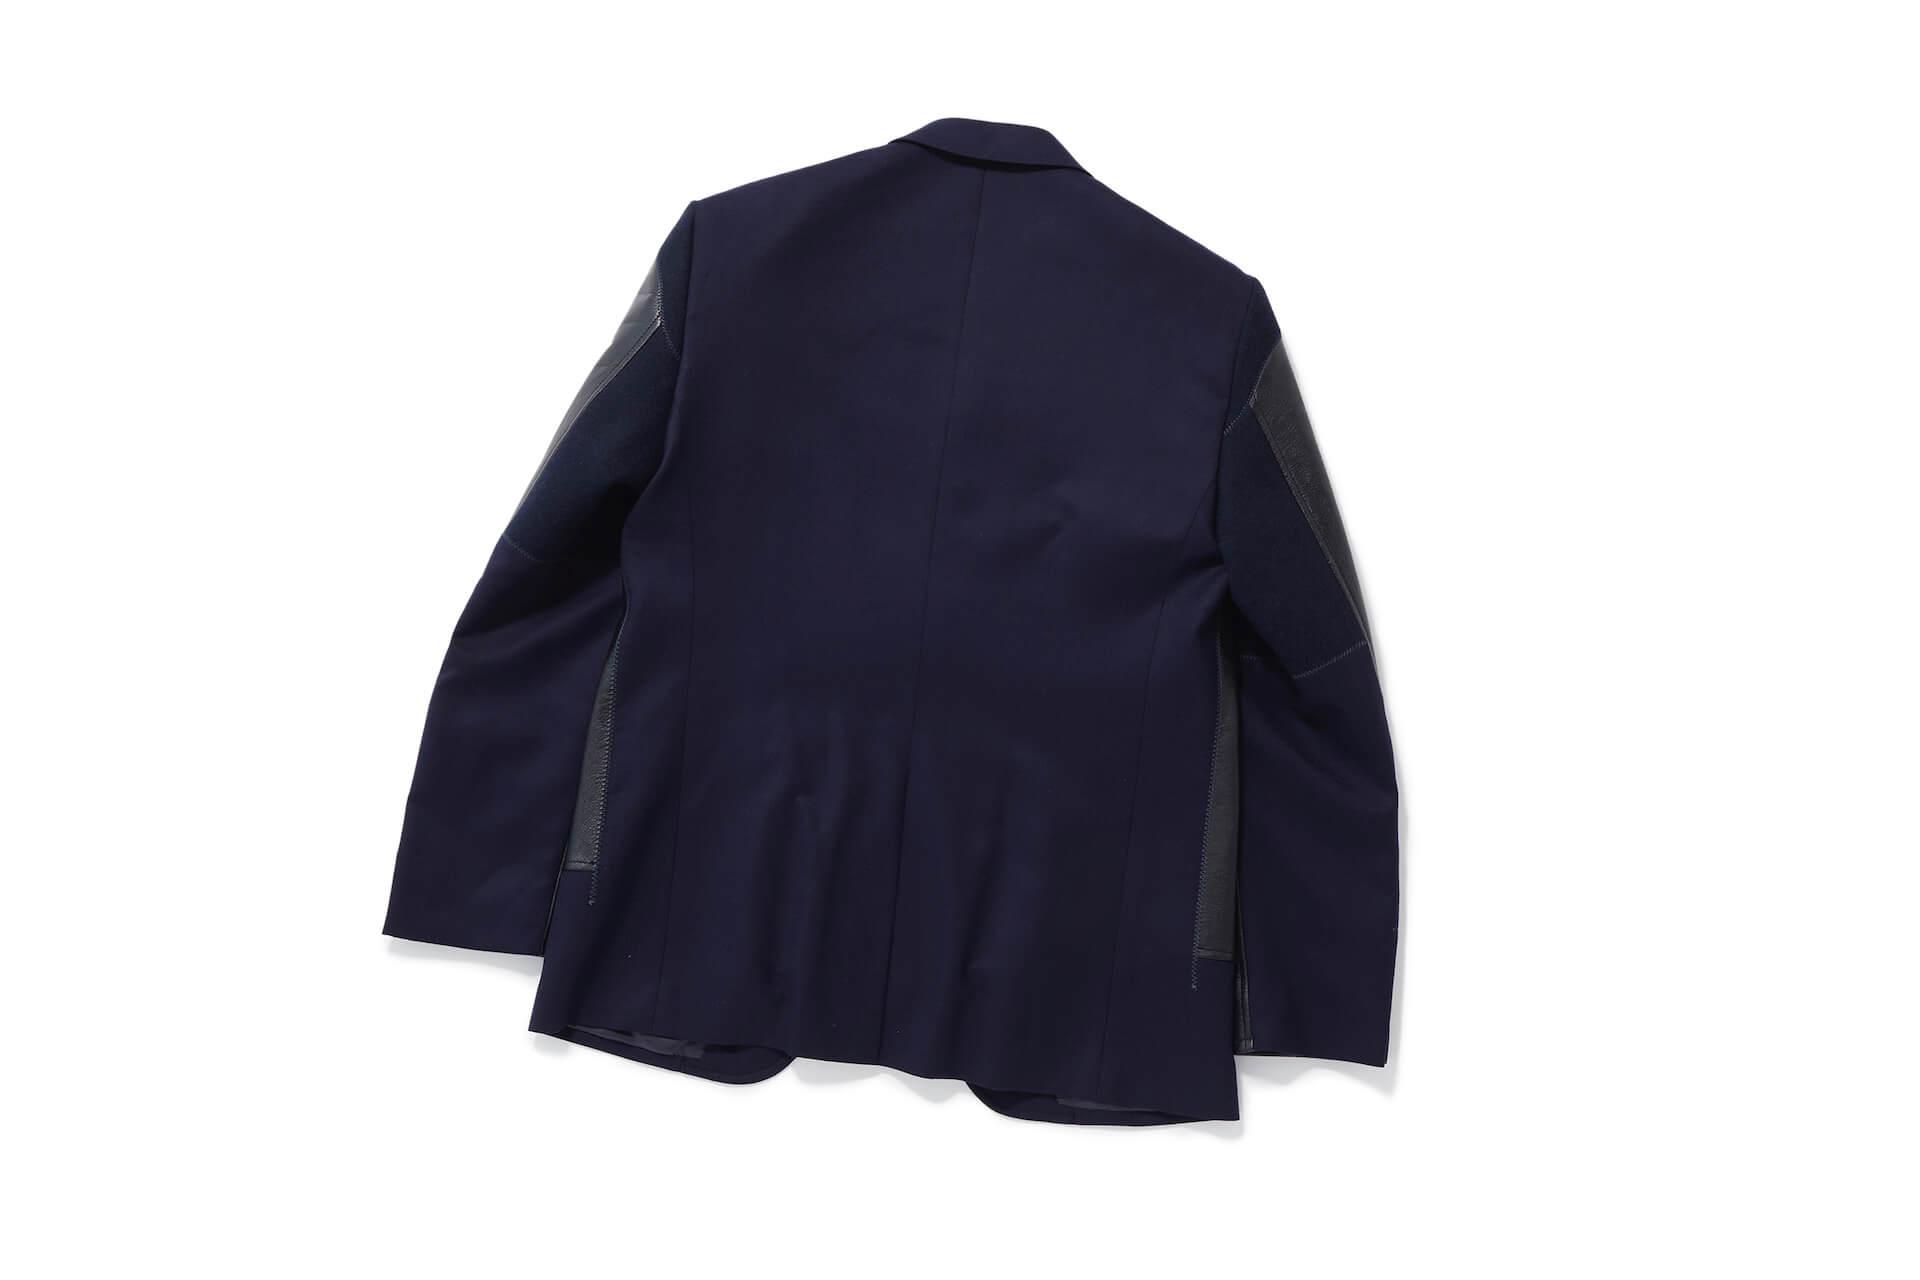 ブルックス ブラザーズ×COMME des GARÇONS JUNYA WATANABE MANのコラボ再び!アイコニックなブレザー&シャツが登場 fashion2020907-brooksbrothers7